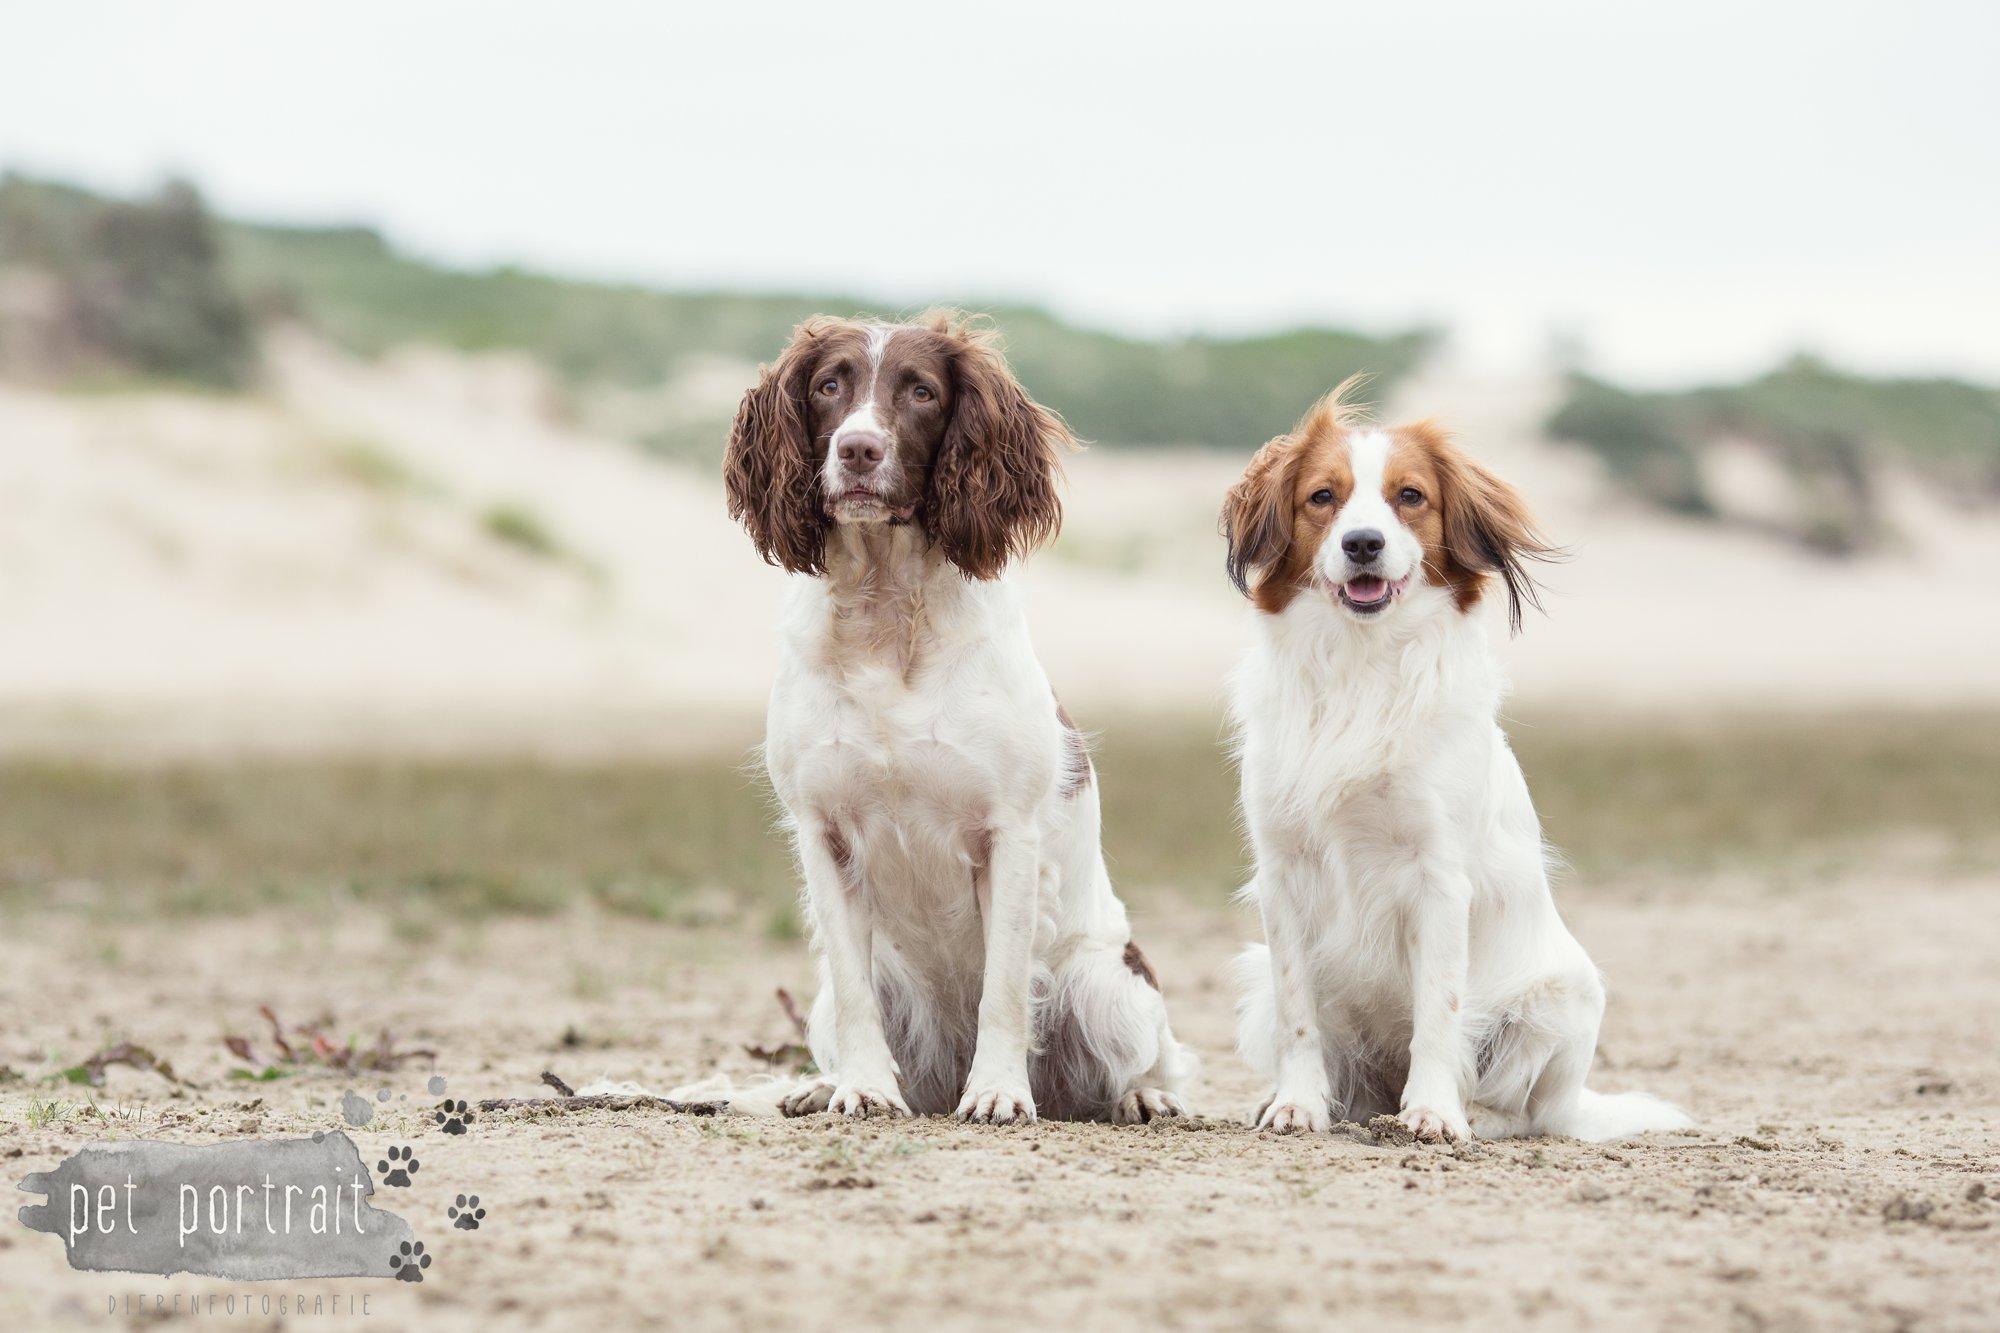 Hondenfotograaf Noordwijk - Springer Spaniel en Kooikerhondje-1